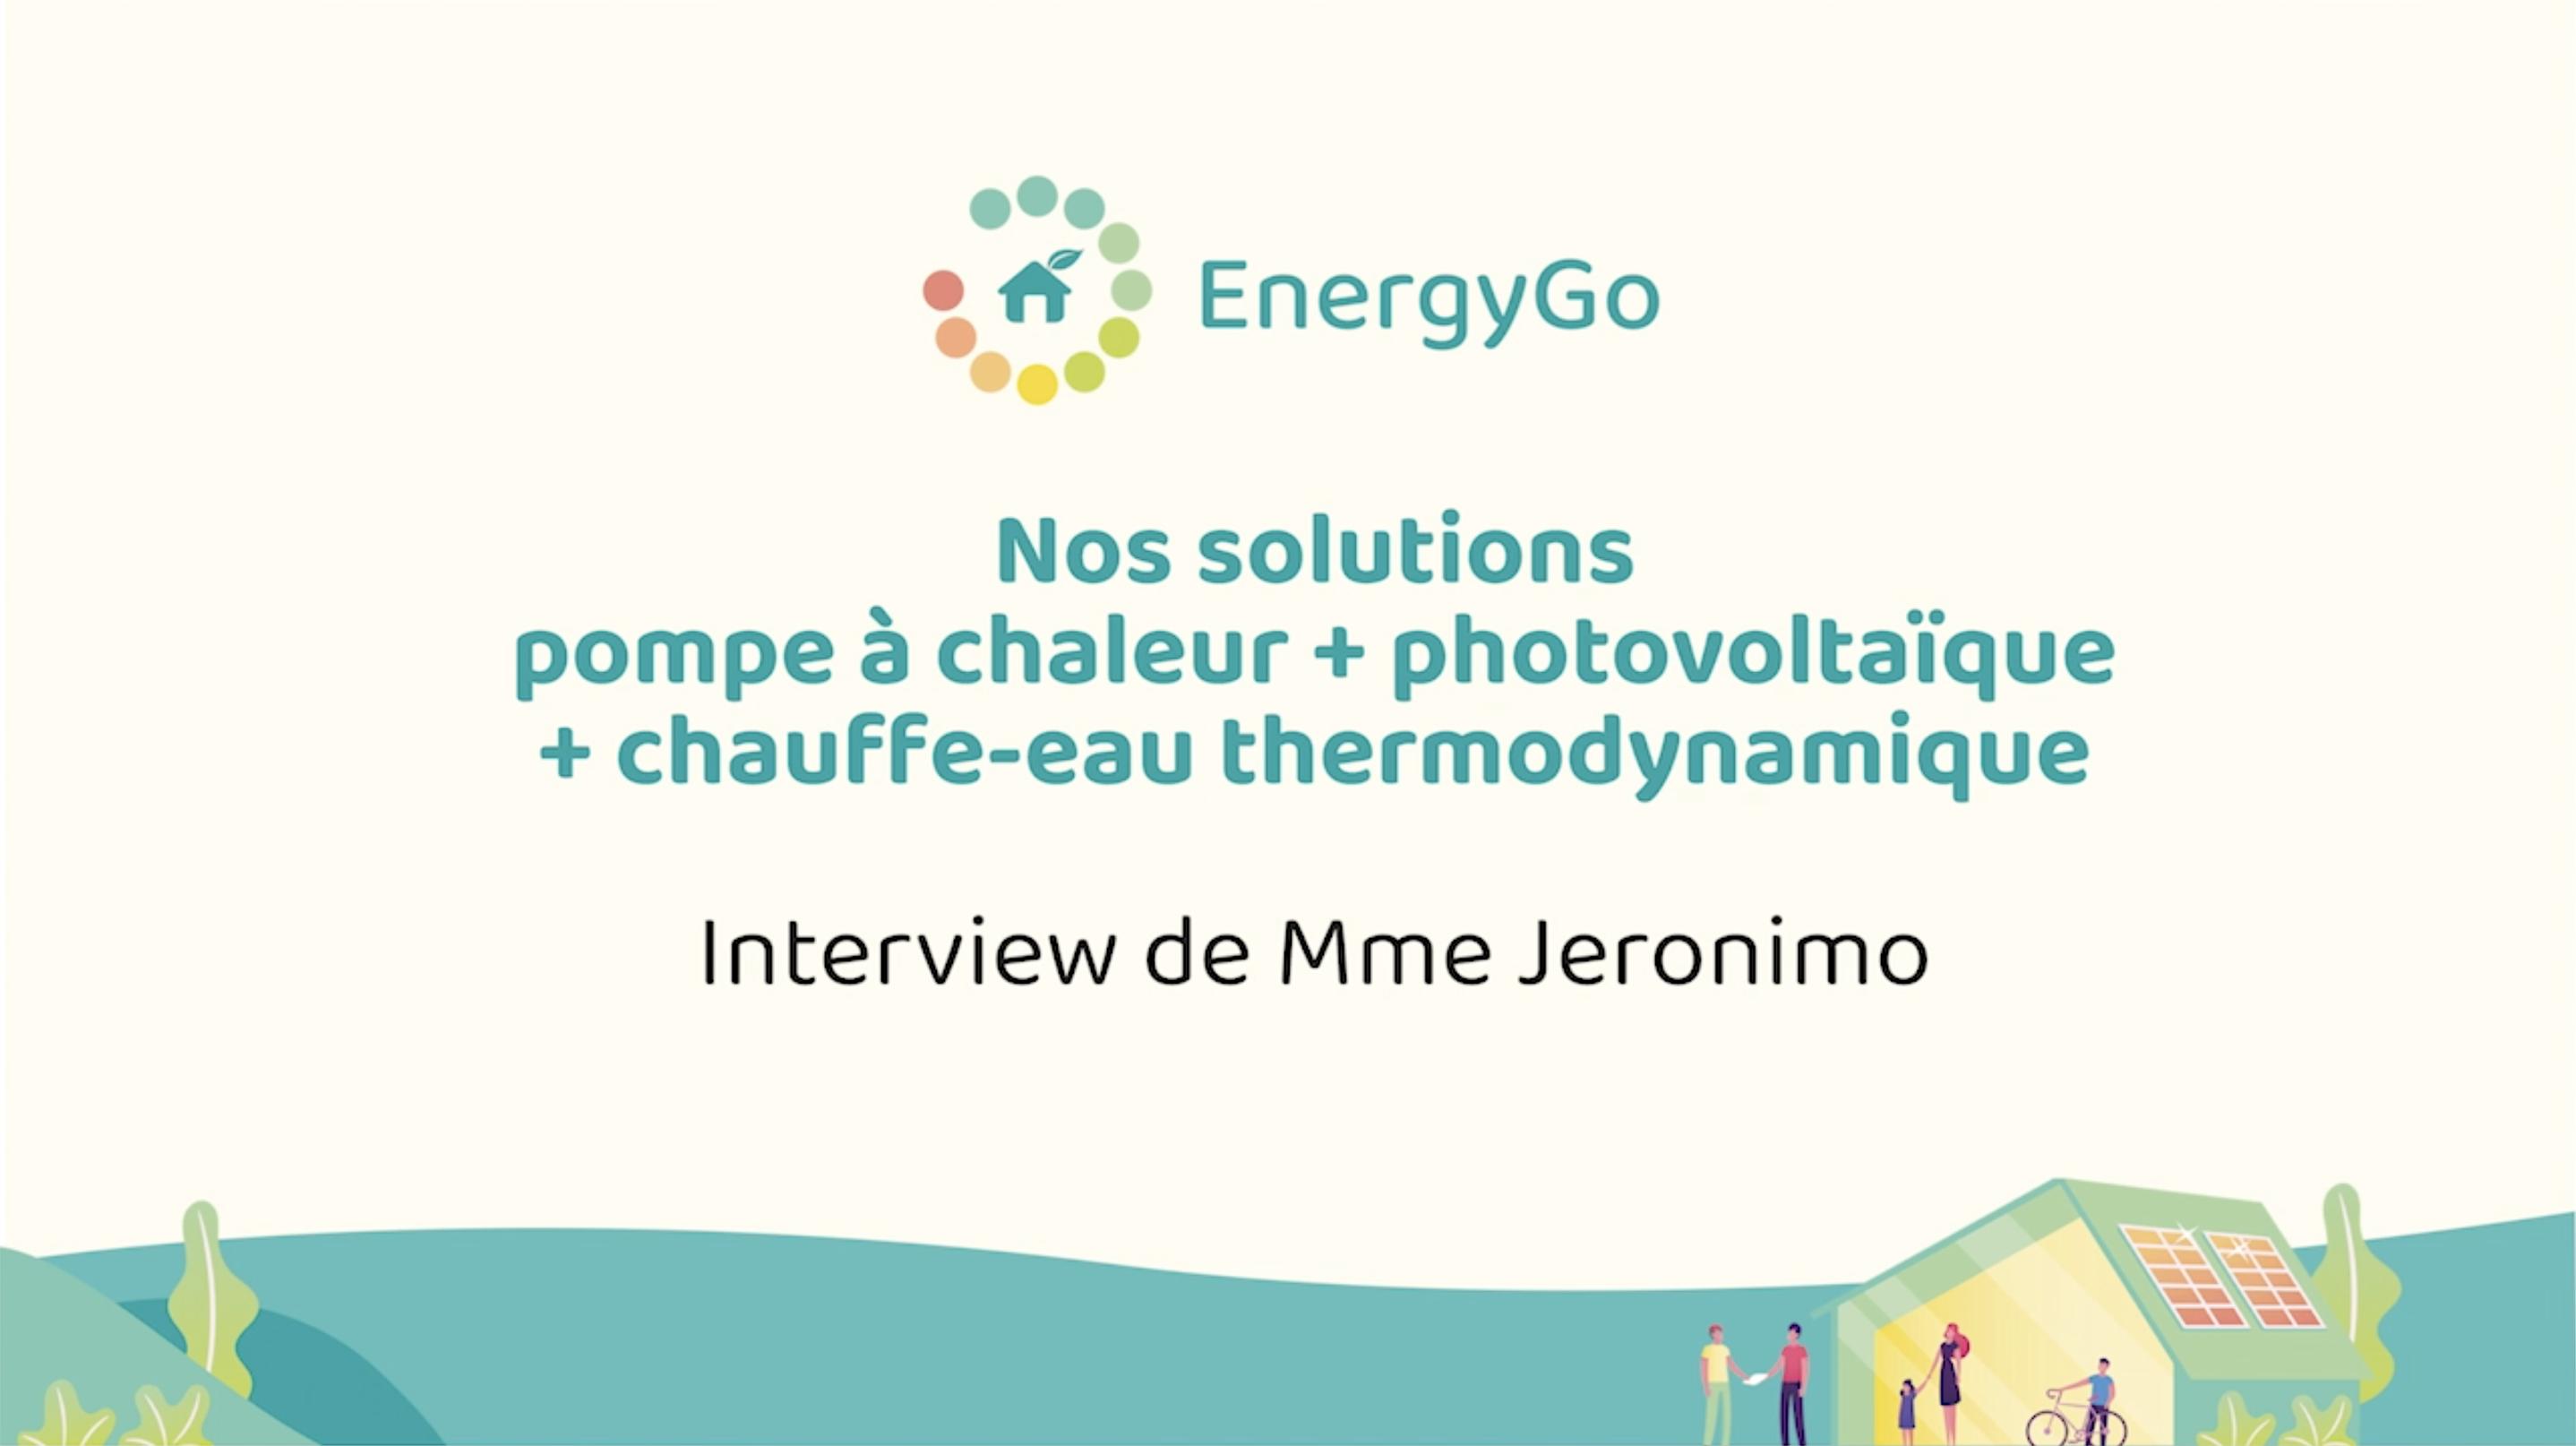 Chauffe-eau Termodynamique | EnergyGo 6